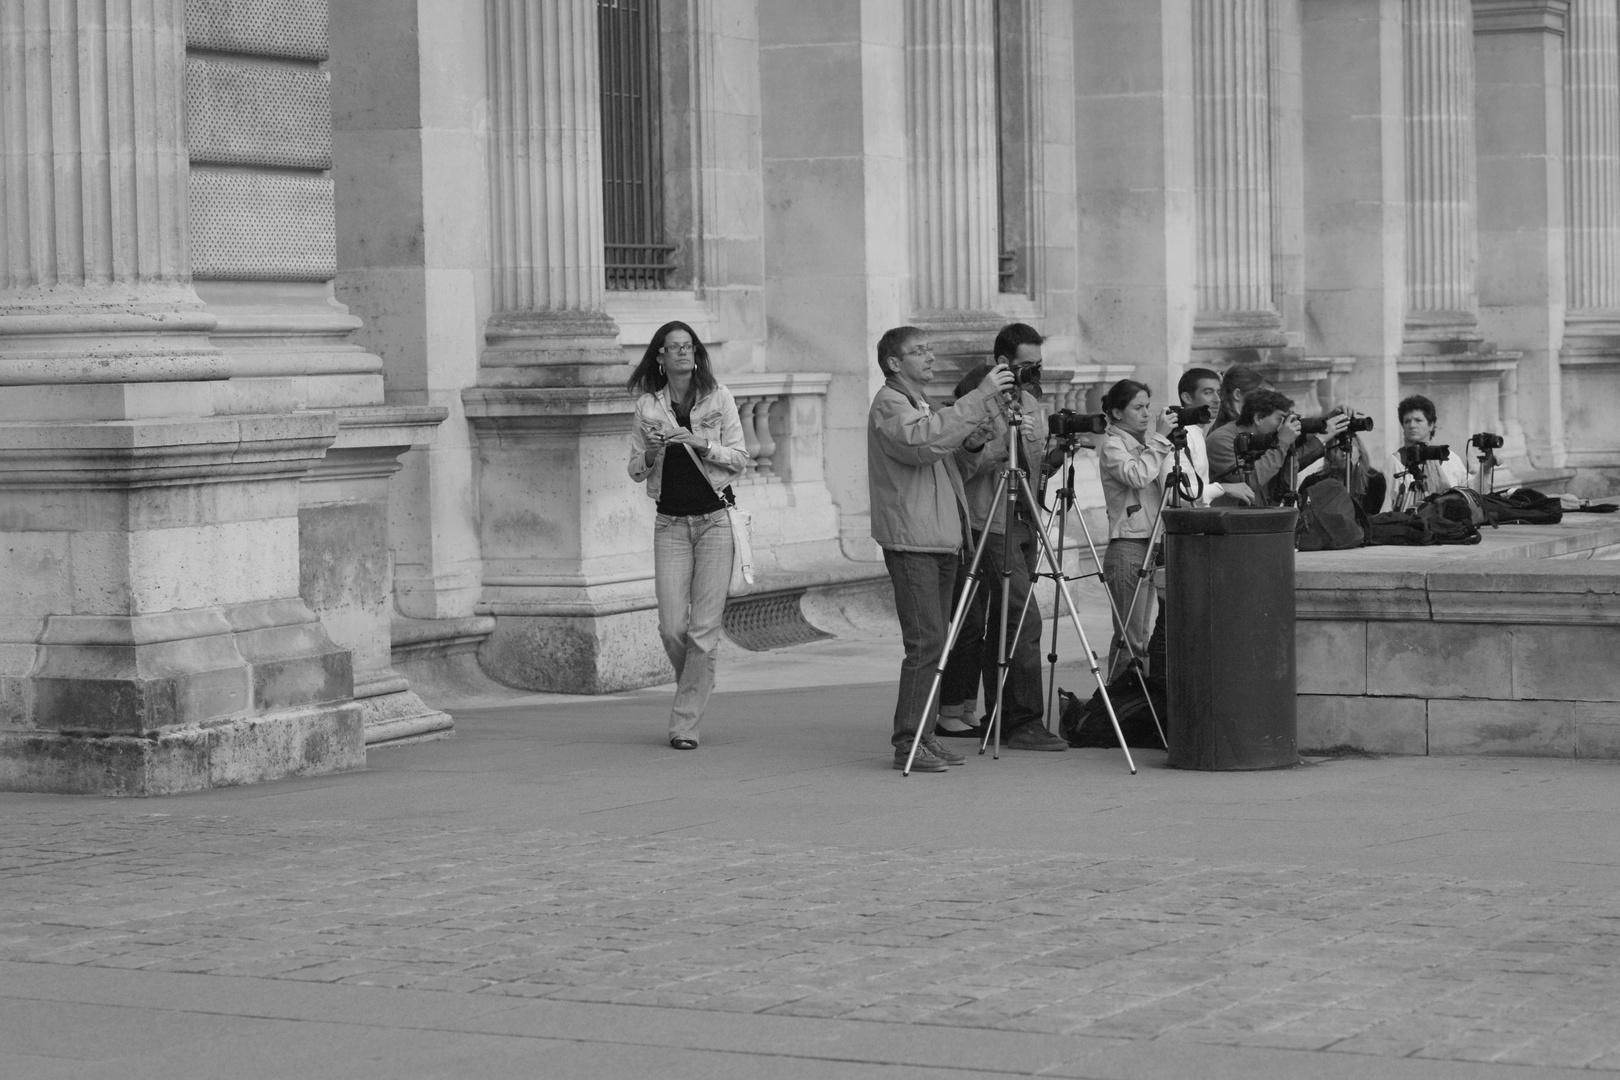 Louvre no. 2